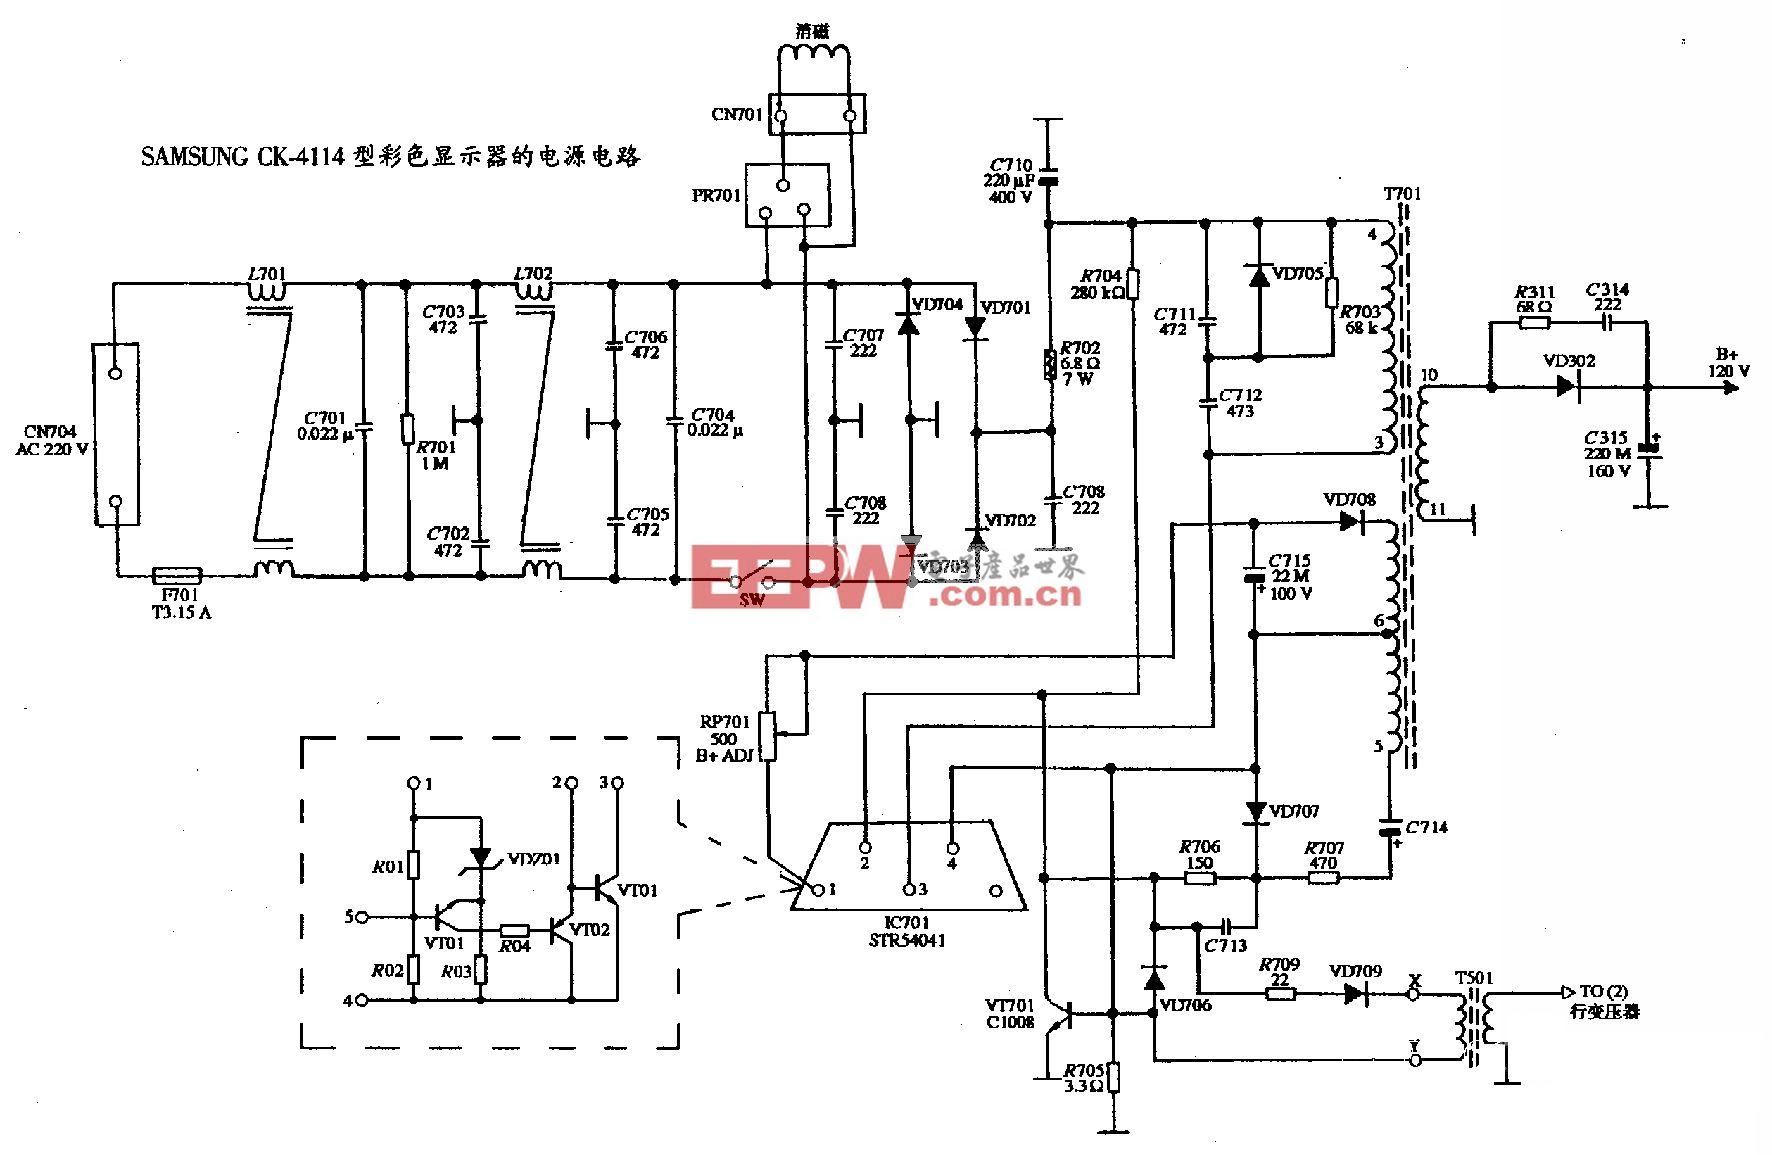 SAMSUNG CK-4114型彩色显示器的电源电路图